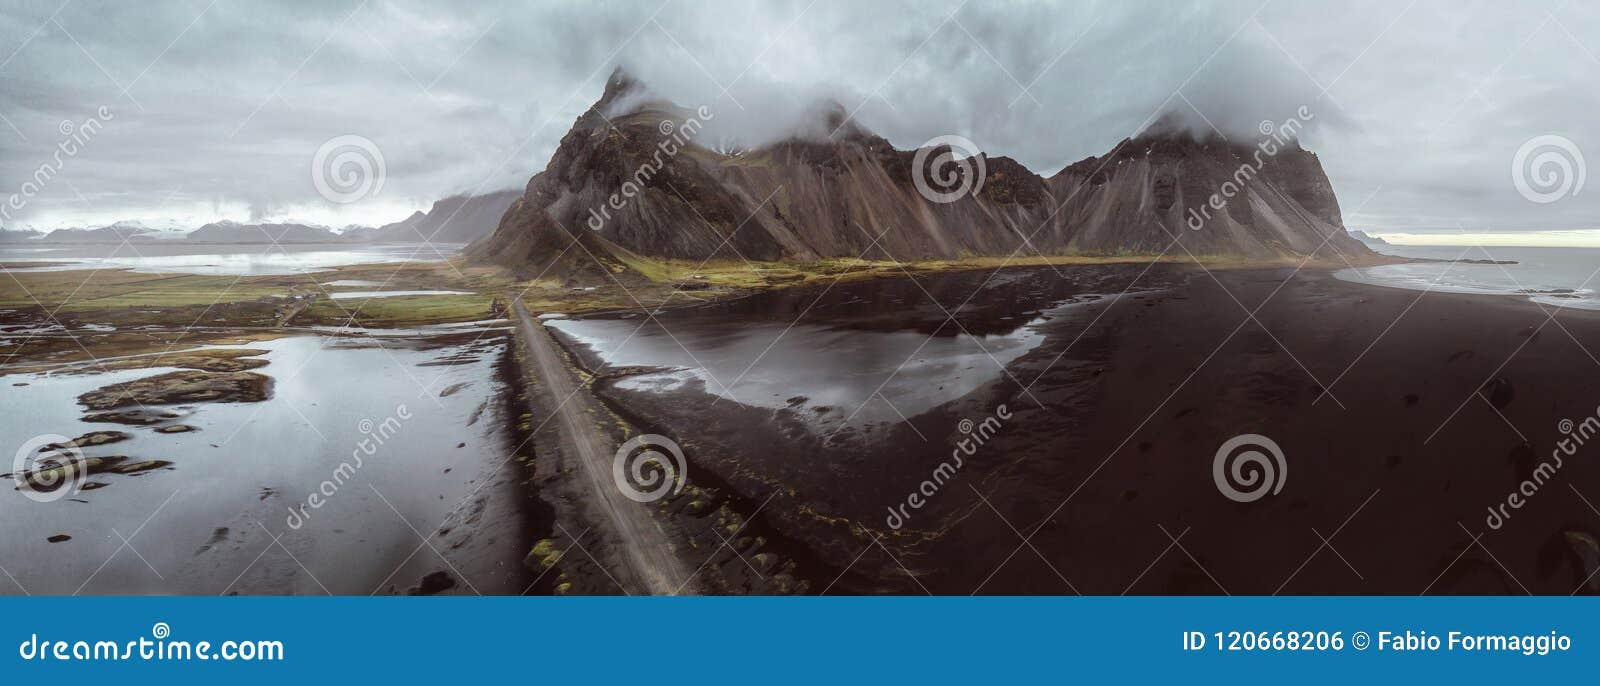 Panoramas islandais, vue aérienne sur les terres